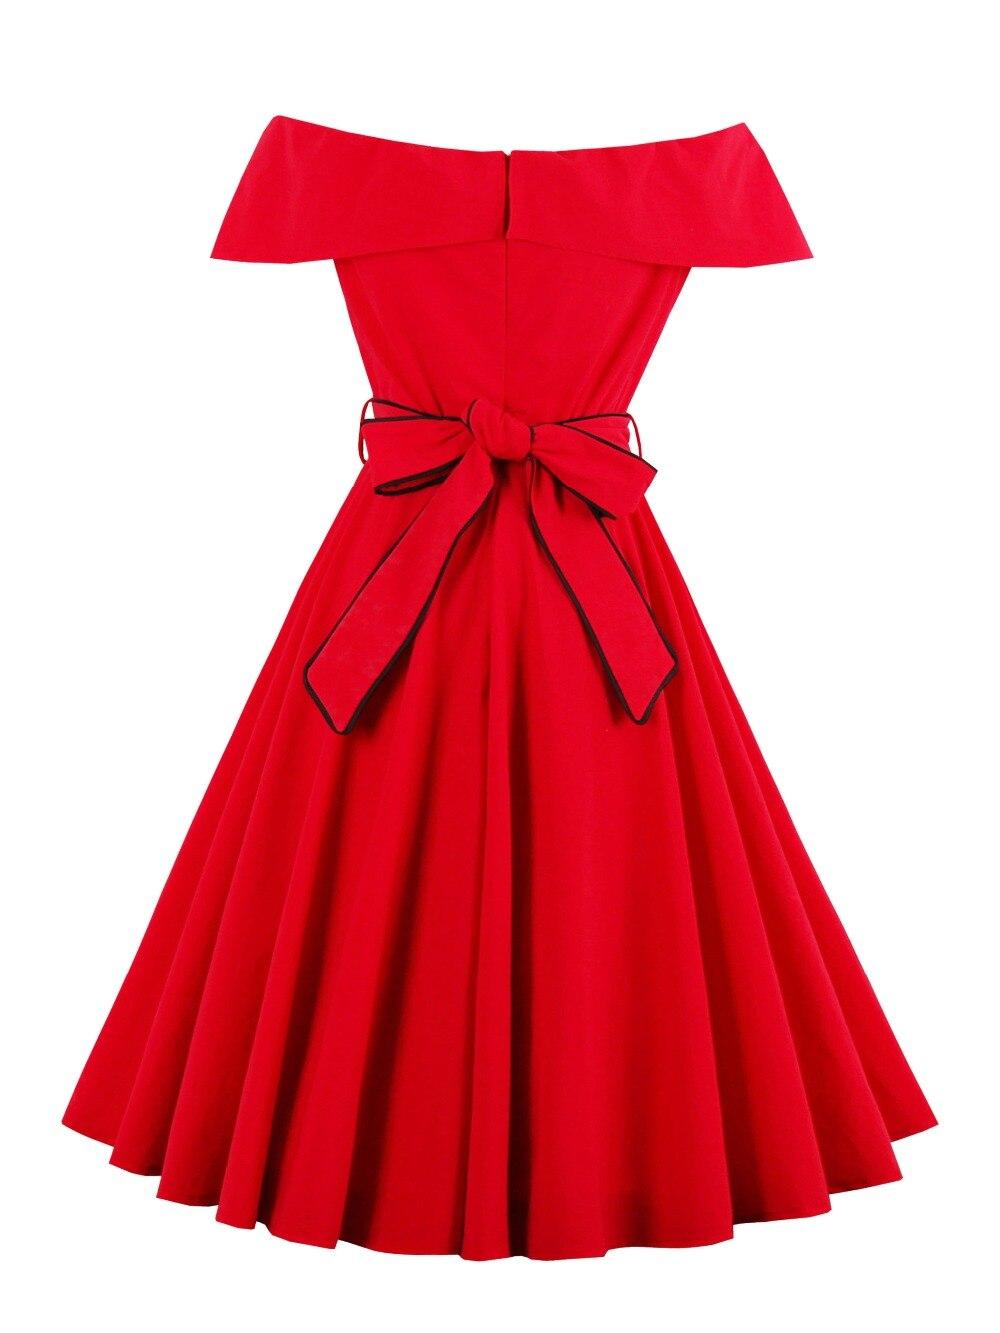 Sisjuly Women Red Dress Summer A-line Girls Slash Pullover Dress Short Sleeve Knee-Length Dresses Girl Summer Sashes Dress